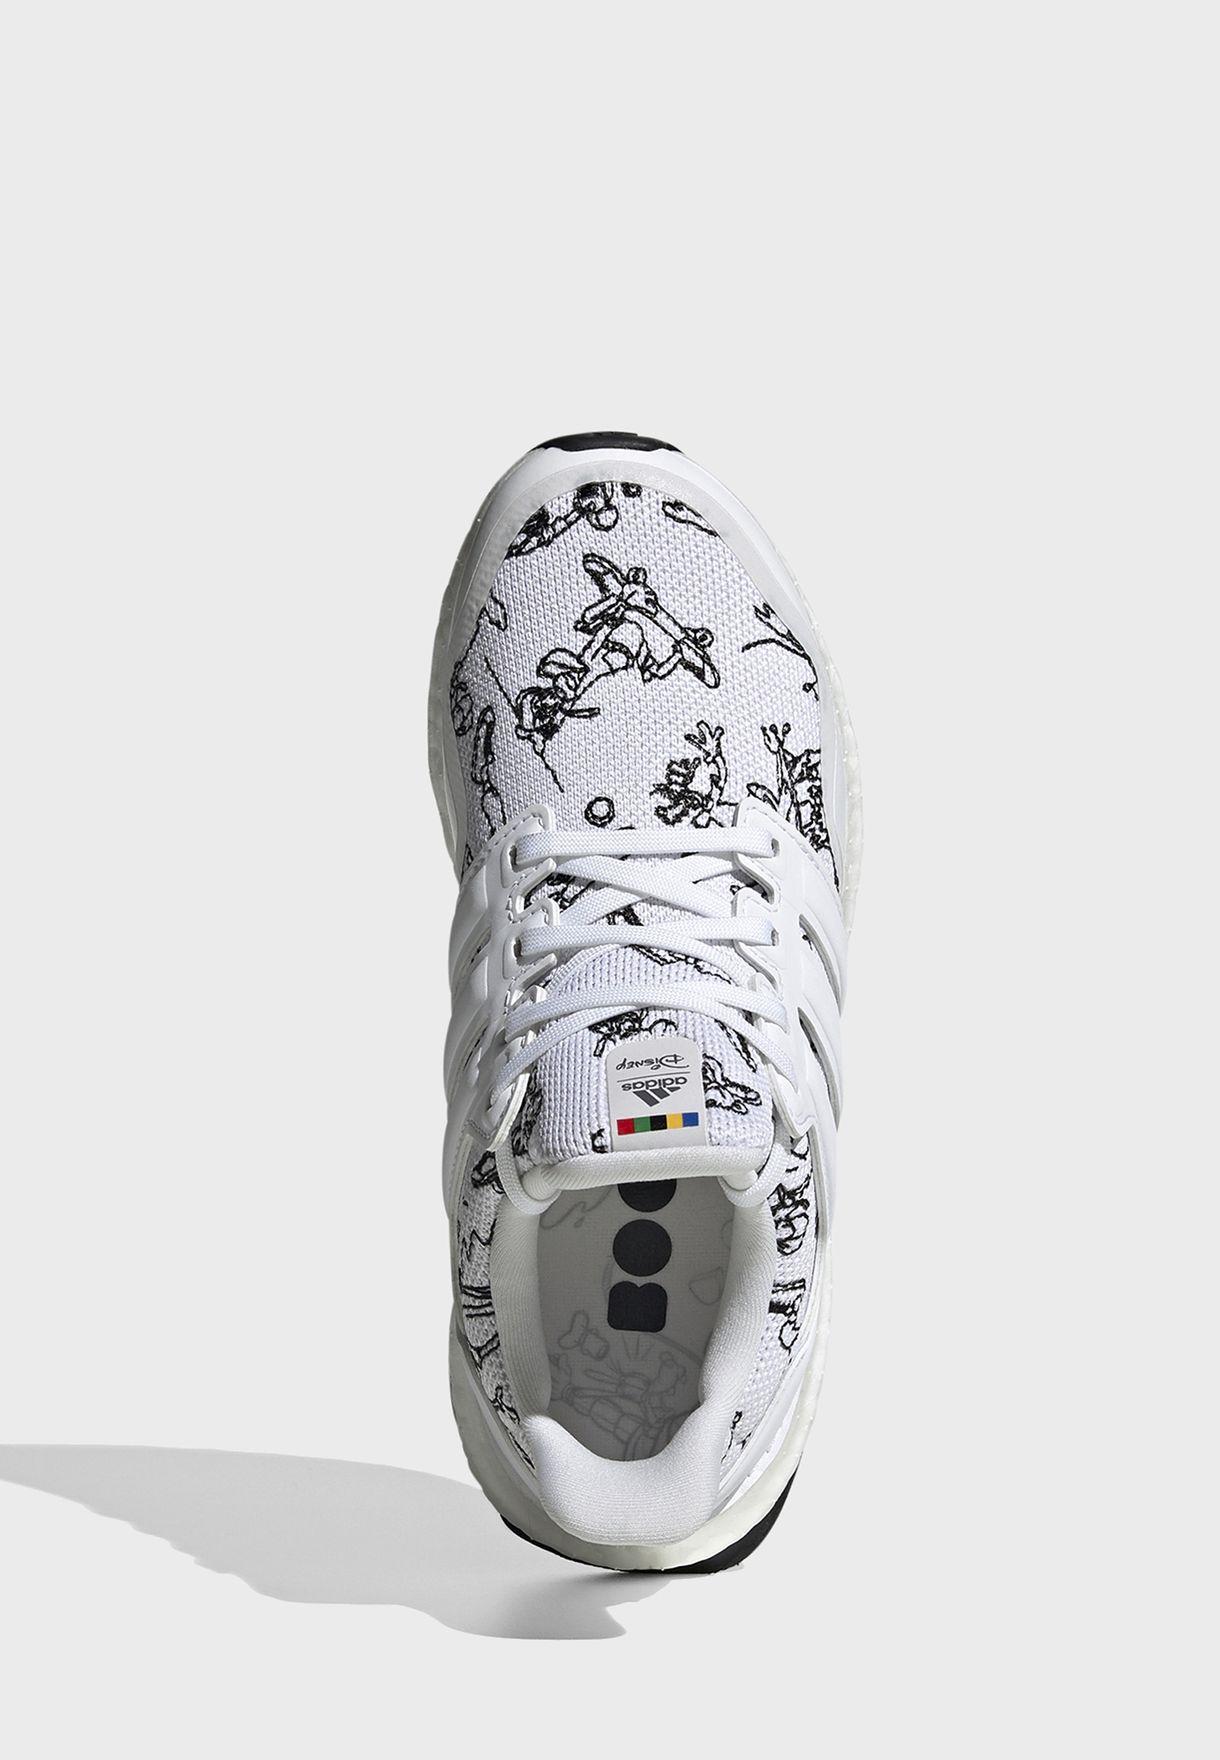 حذاء الترا بوست دي ان ايه × دي اي